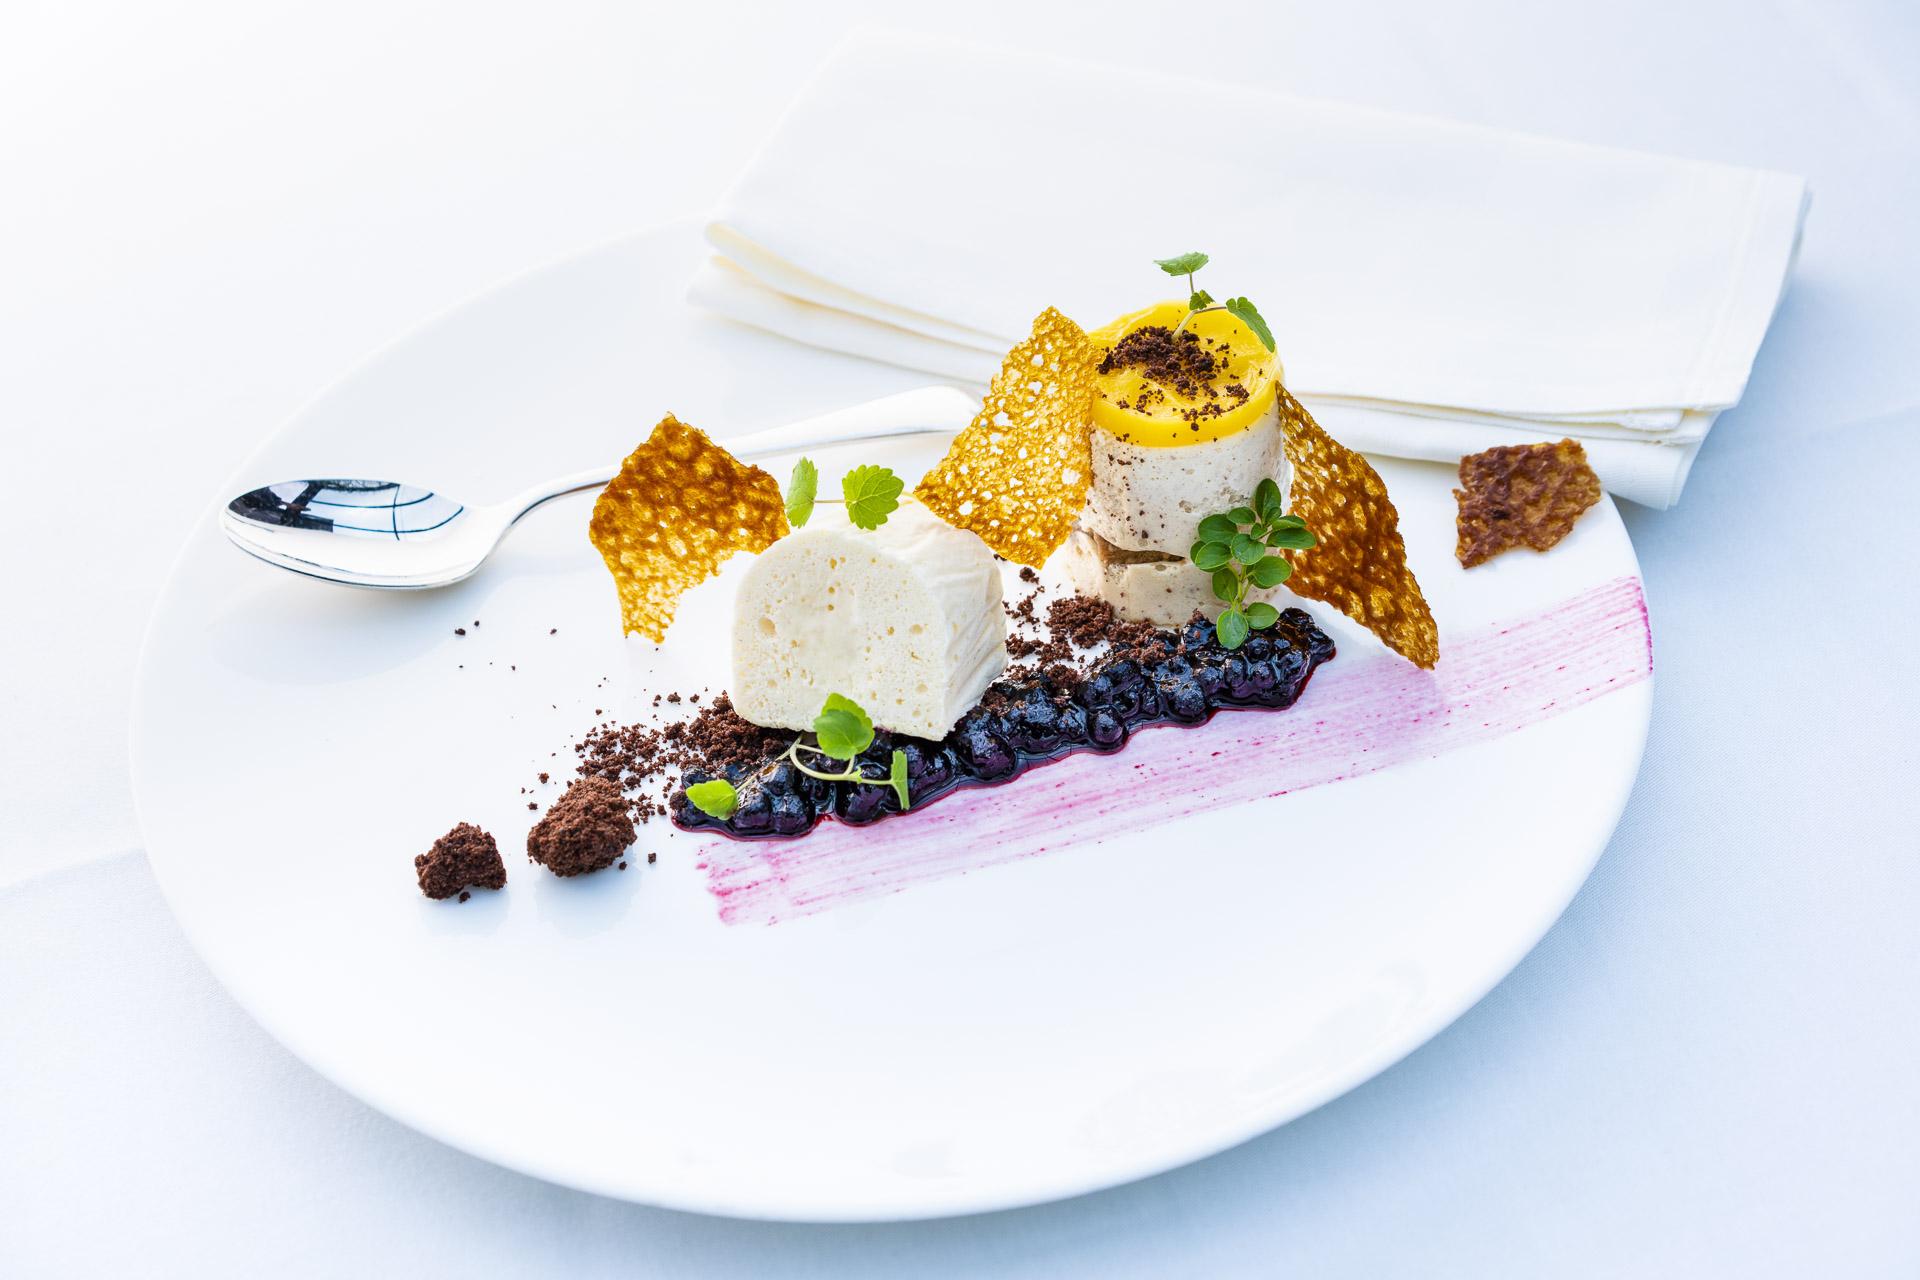 Fotowerk Hotelfotografie - leckeres Dessert